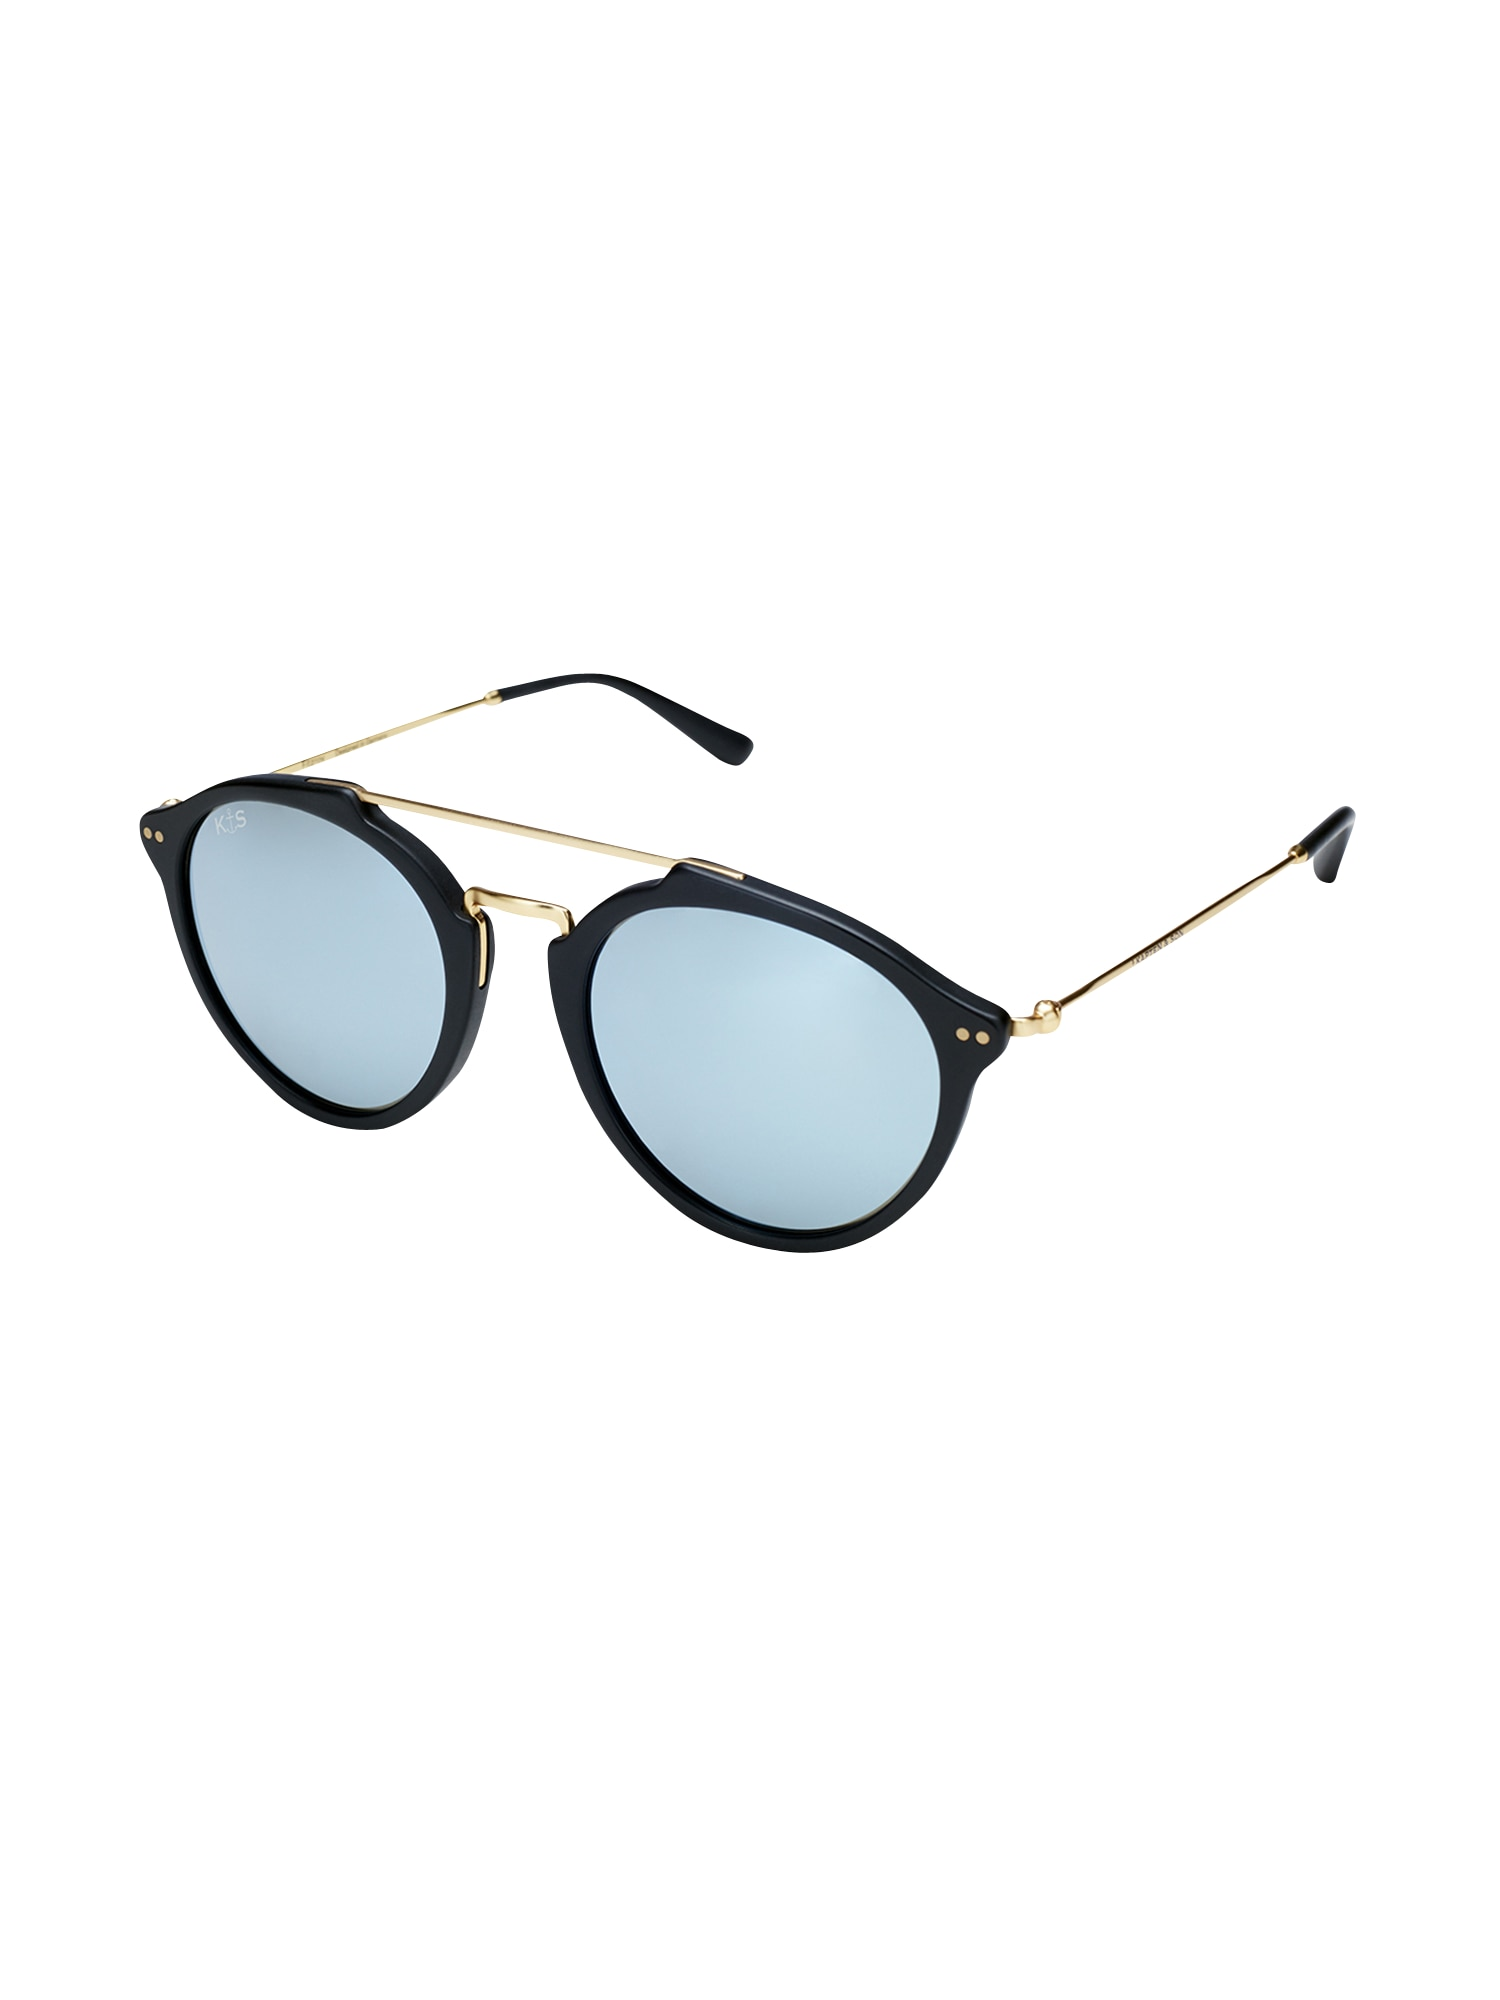 Sluneční brýle Fitzroy modrá zlatá černá Kapten & Son